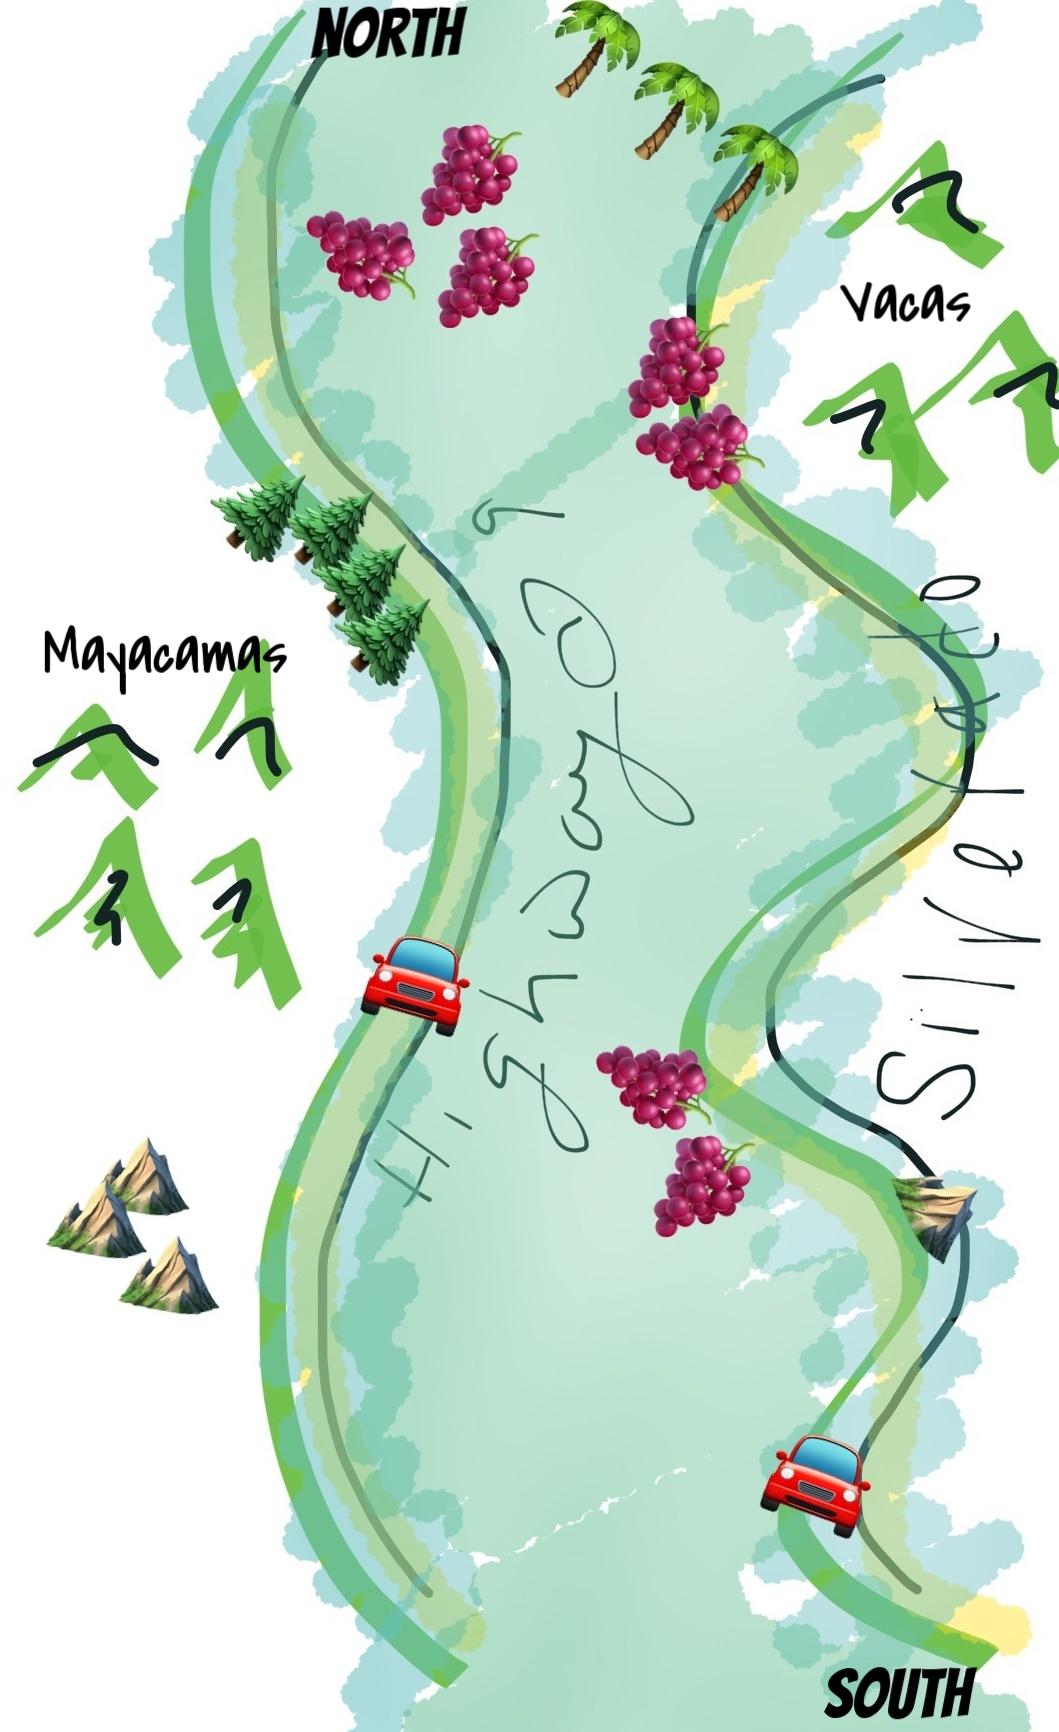 napavalleymap.jpg